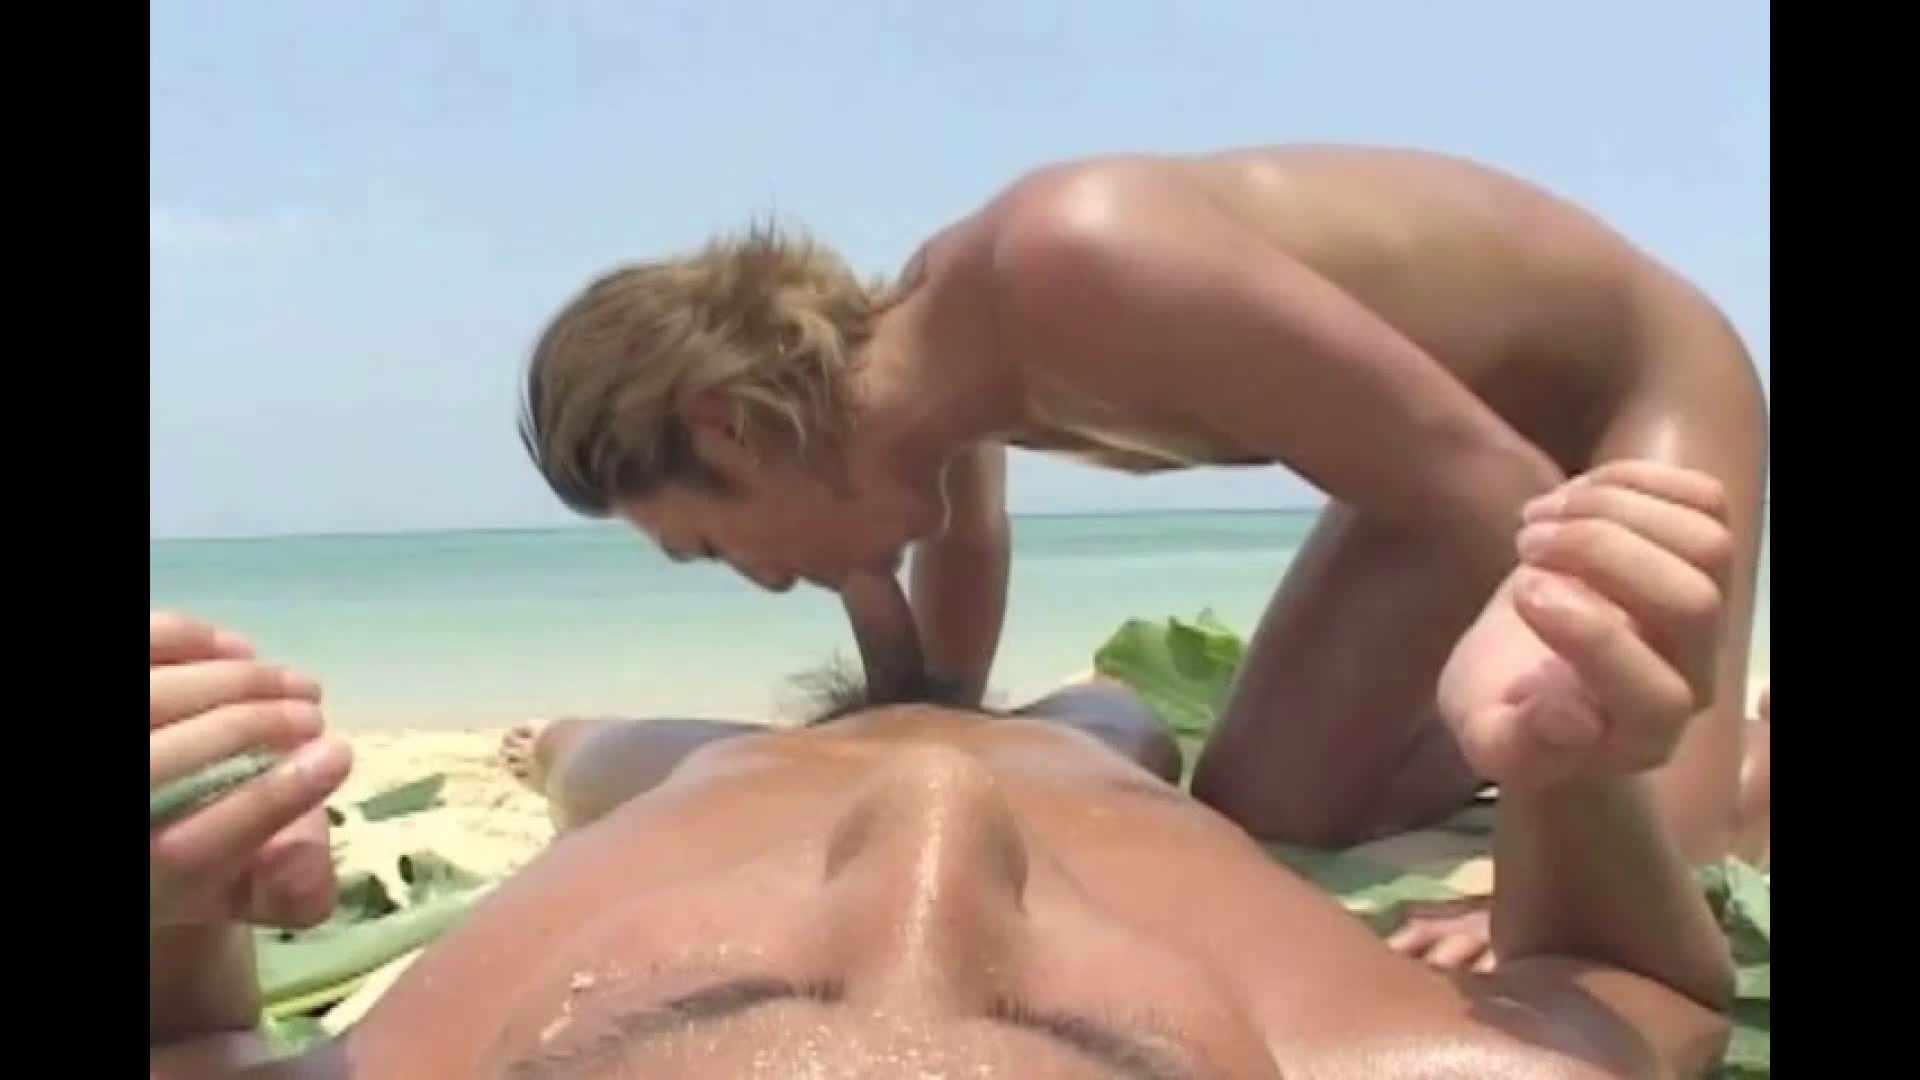 ノンケイケメンの欲望と肉棒 Vol.1 イケメンのsex | セックス  107pic 59